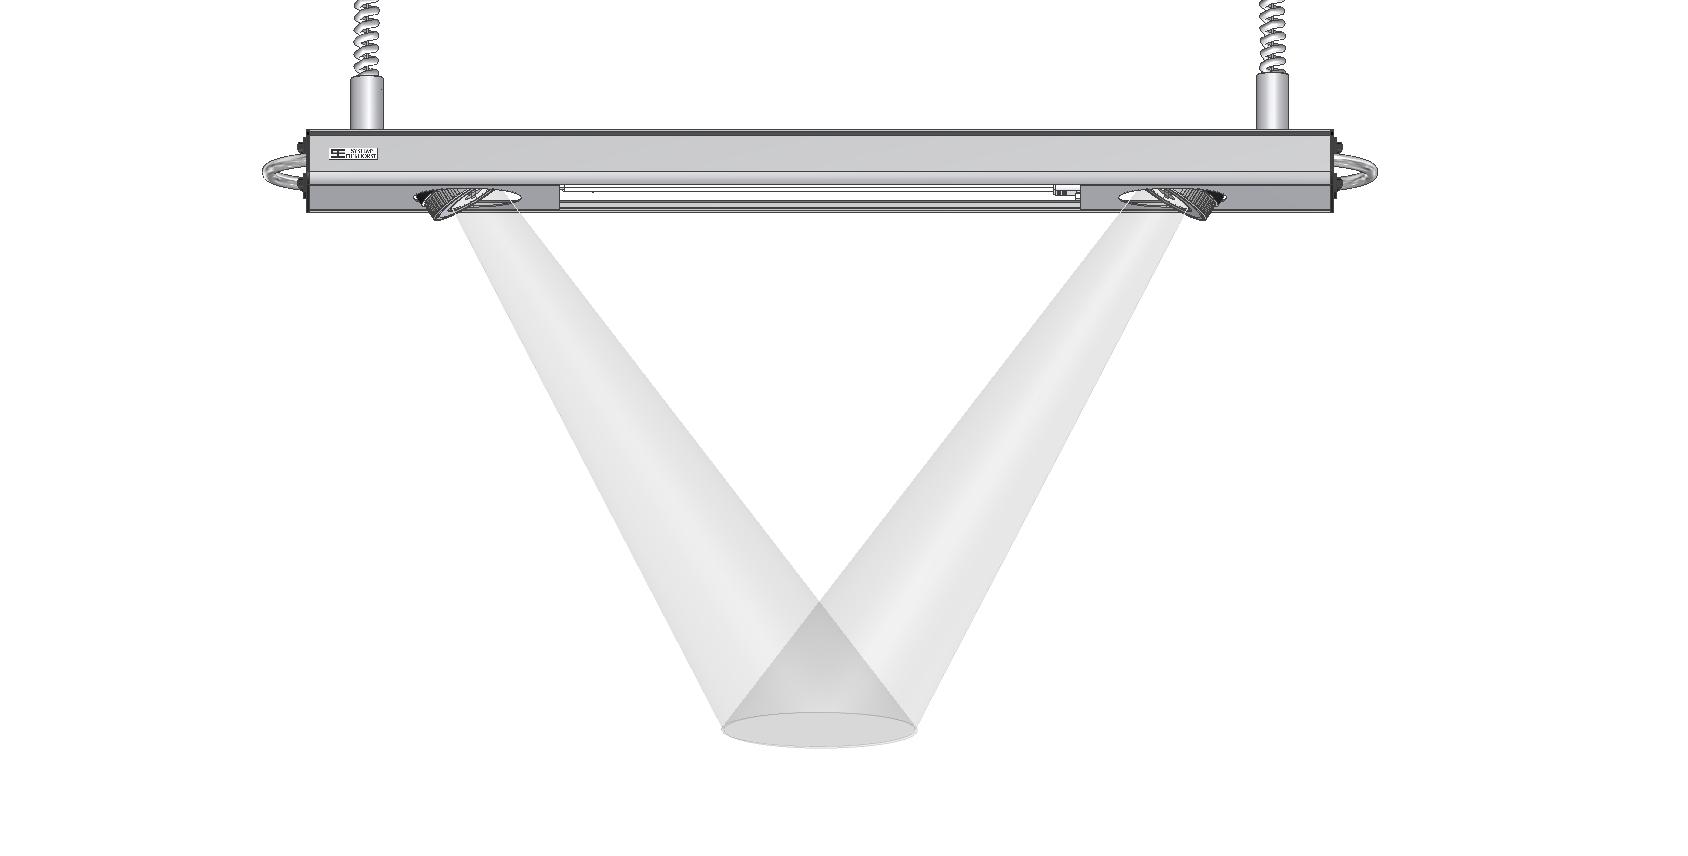 DIALITE X Hybrid 2/55 - Arbeitsplatzbeleuchtung - Tageslichtleuchte